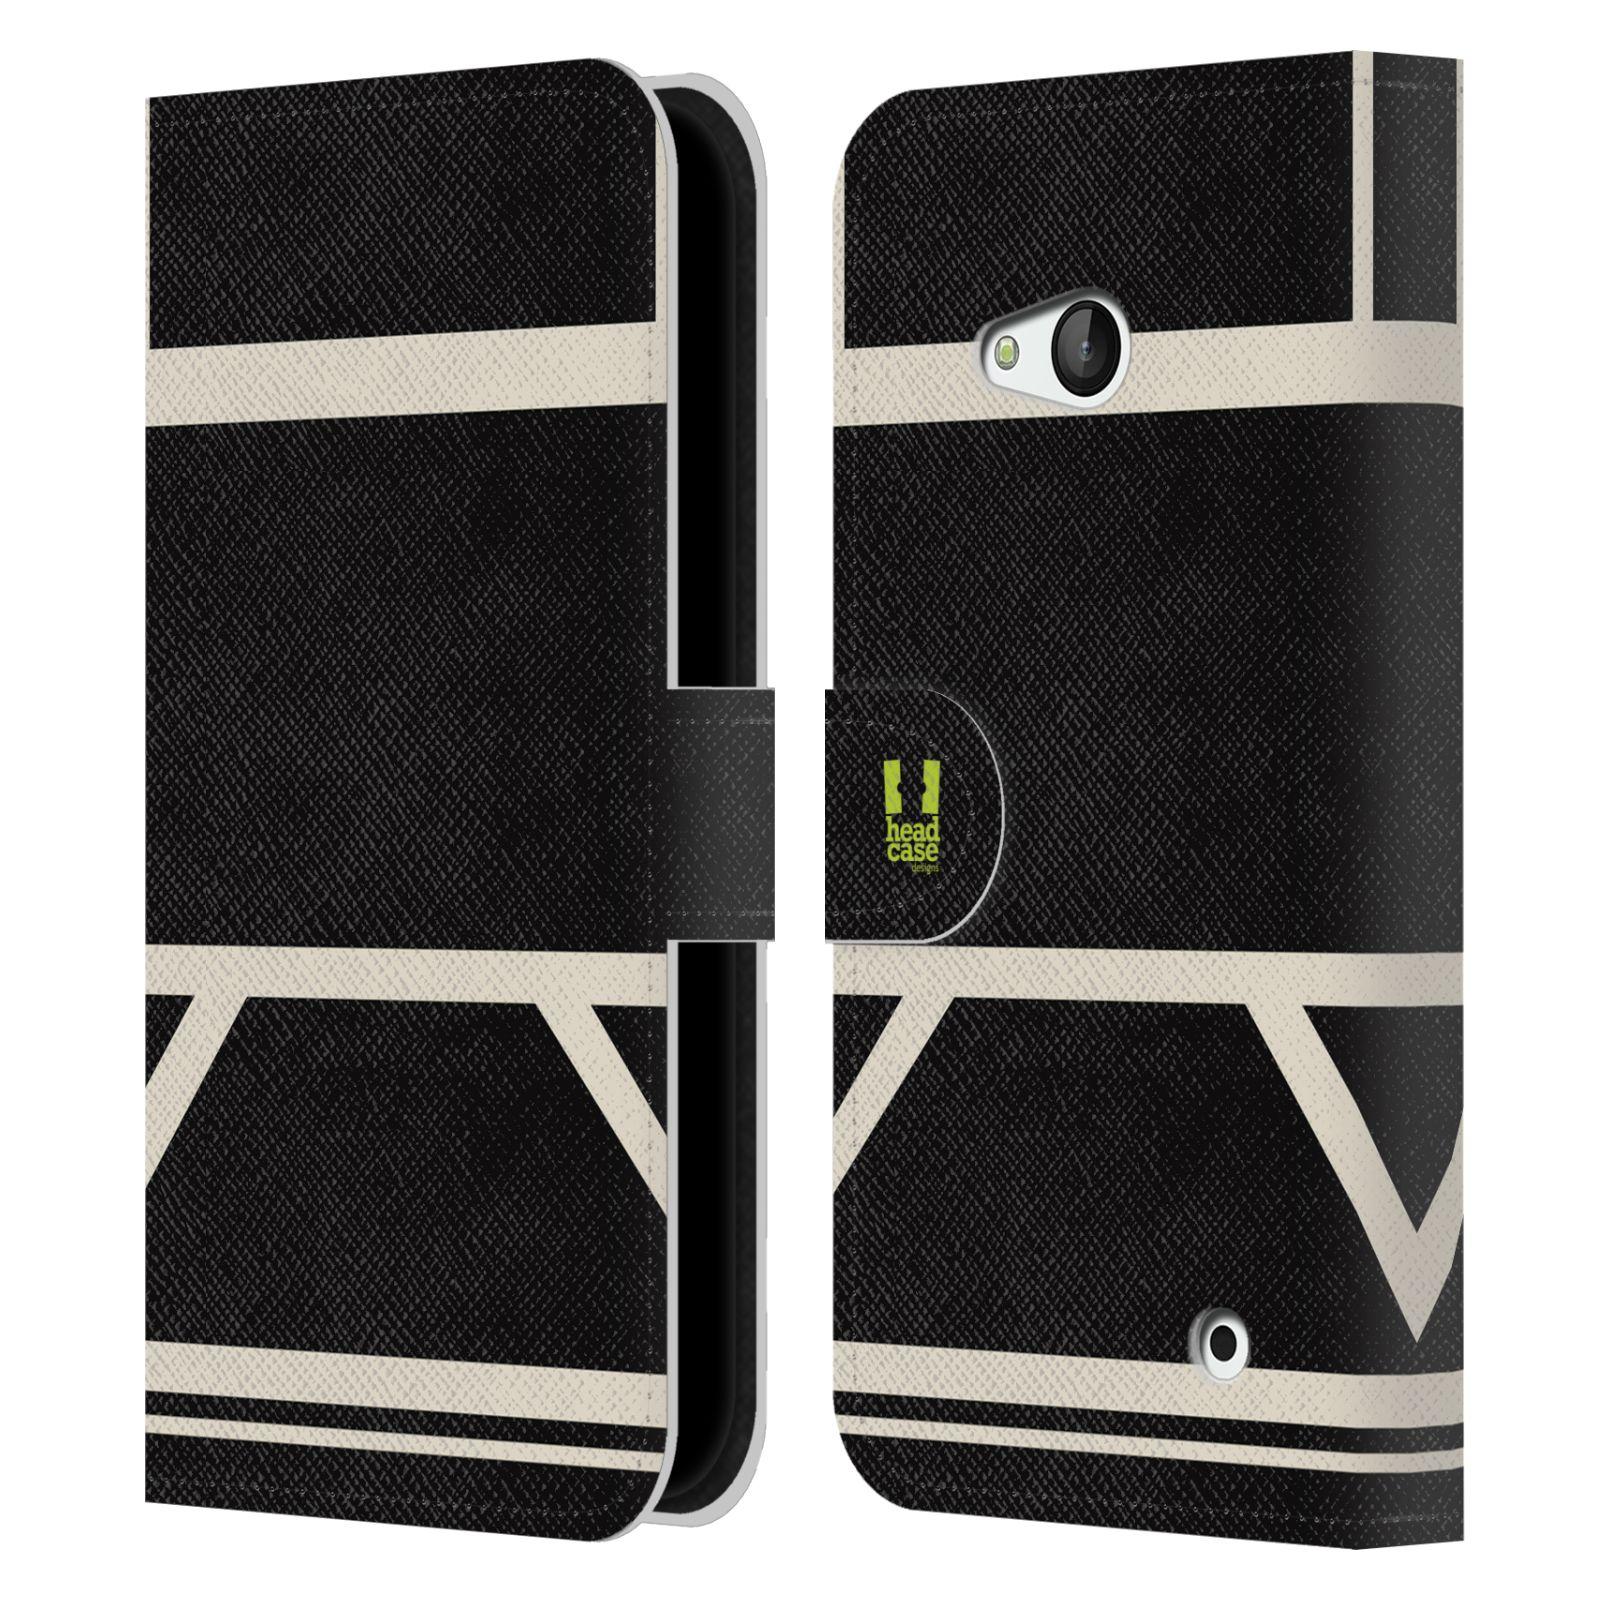 HEAD CASE Flipové pouzdro pro mobil Nokia LUMIA 640 barevné tvary černá a bílá proužek